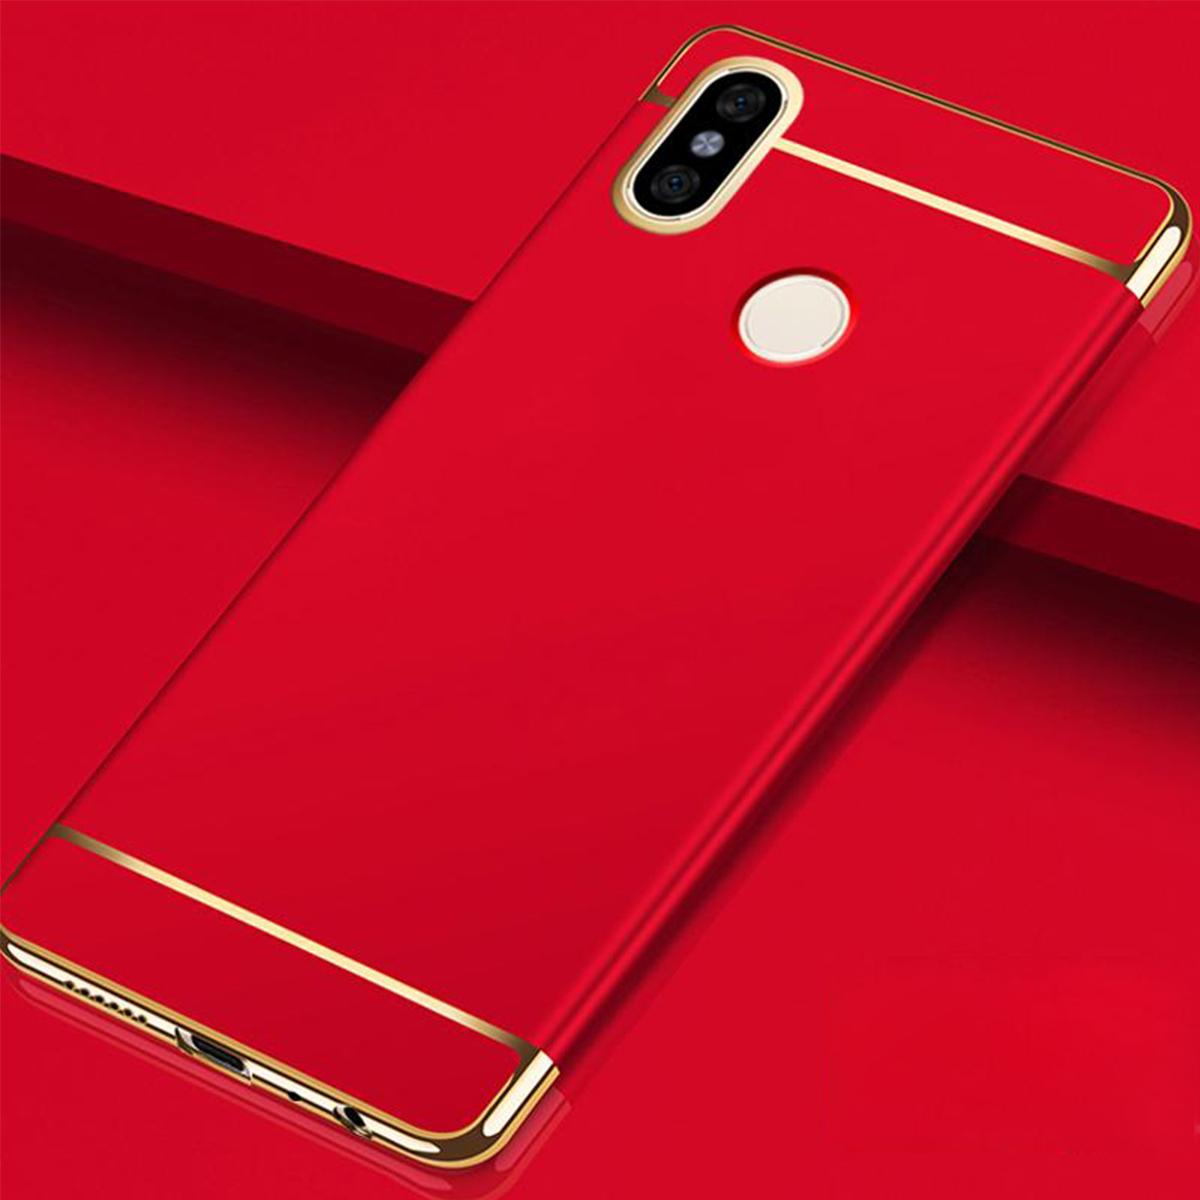 detailing 5cc5f 4febf Xiaomi Redmi S2 Mi Mix 2S Redmi Note 5 Hard Case Cover Casing